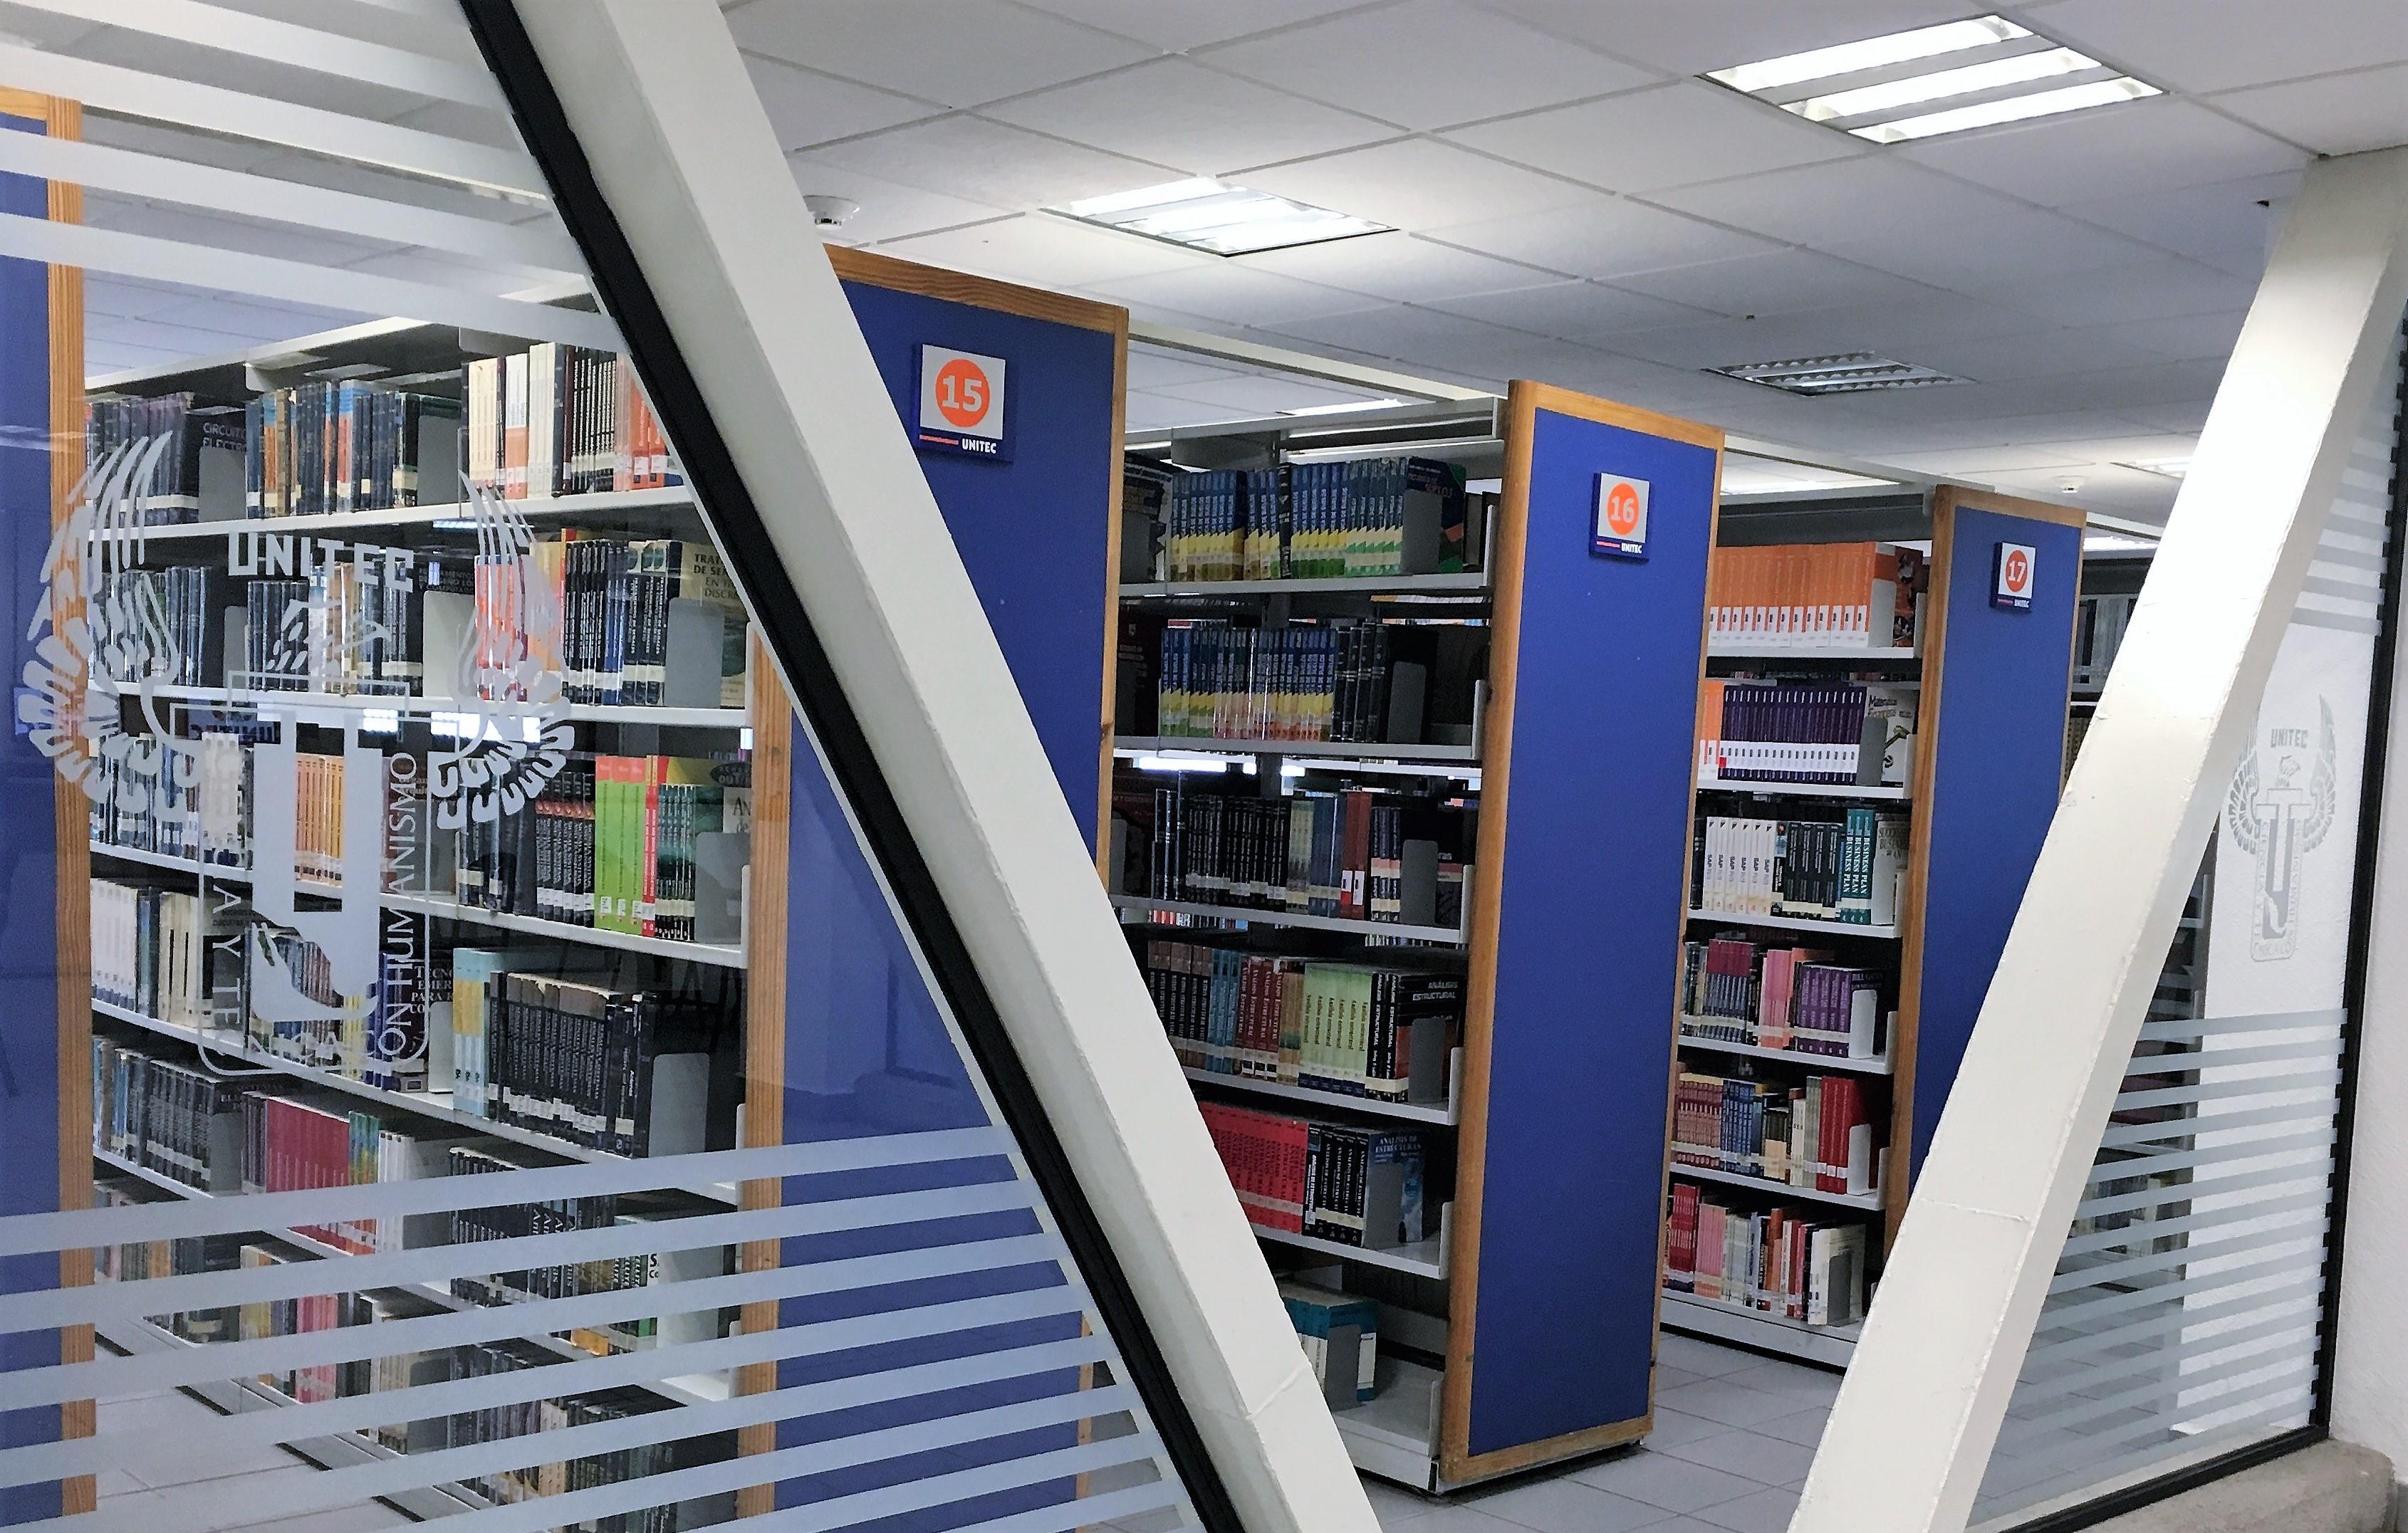 Incrementa UNITEC Campus Marina-Cuitláhuac su acervo bibliográfico - Featured Image